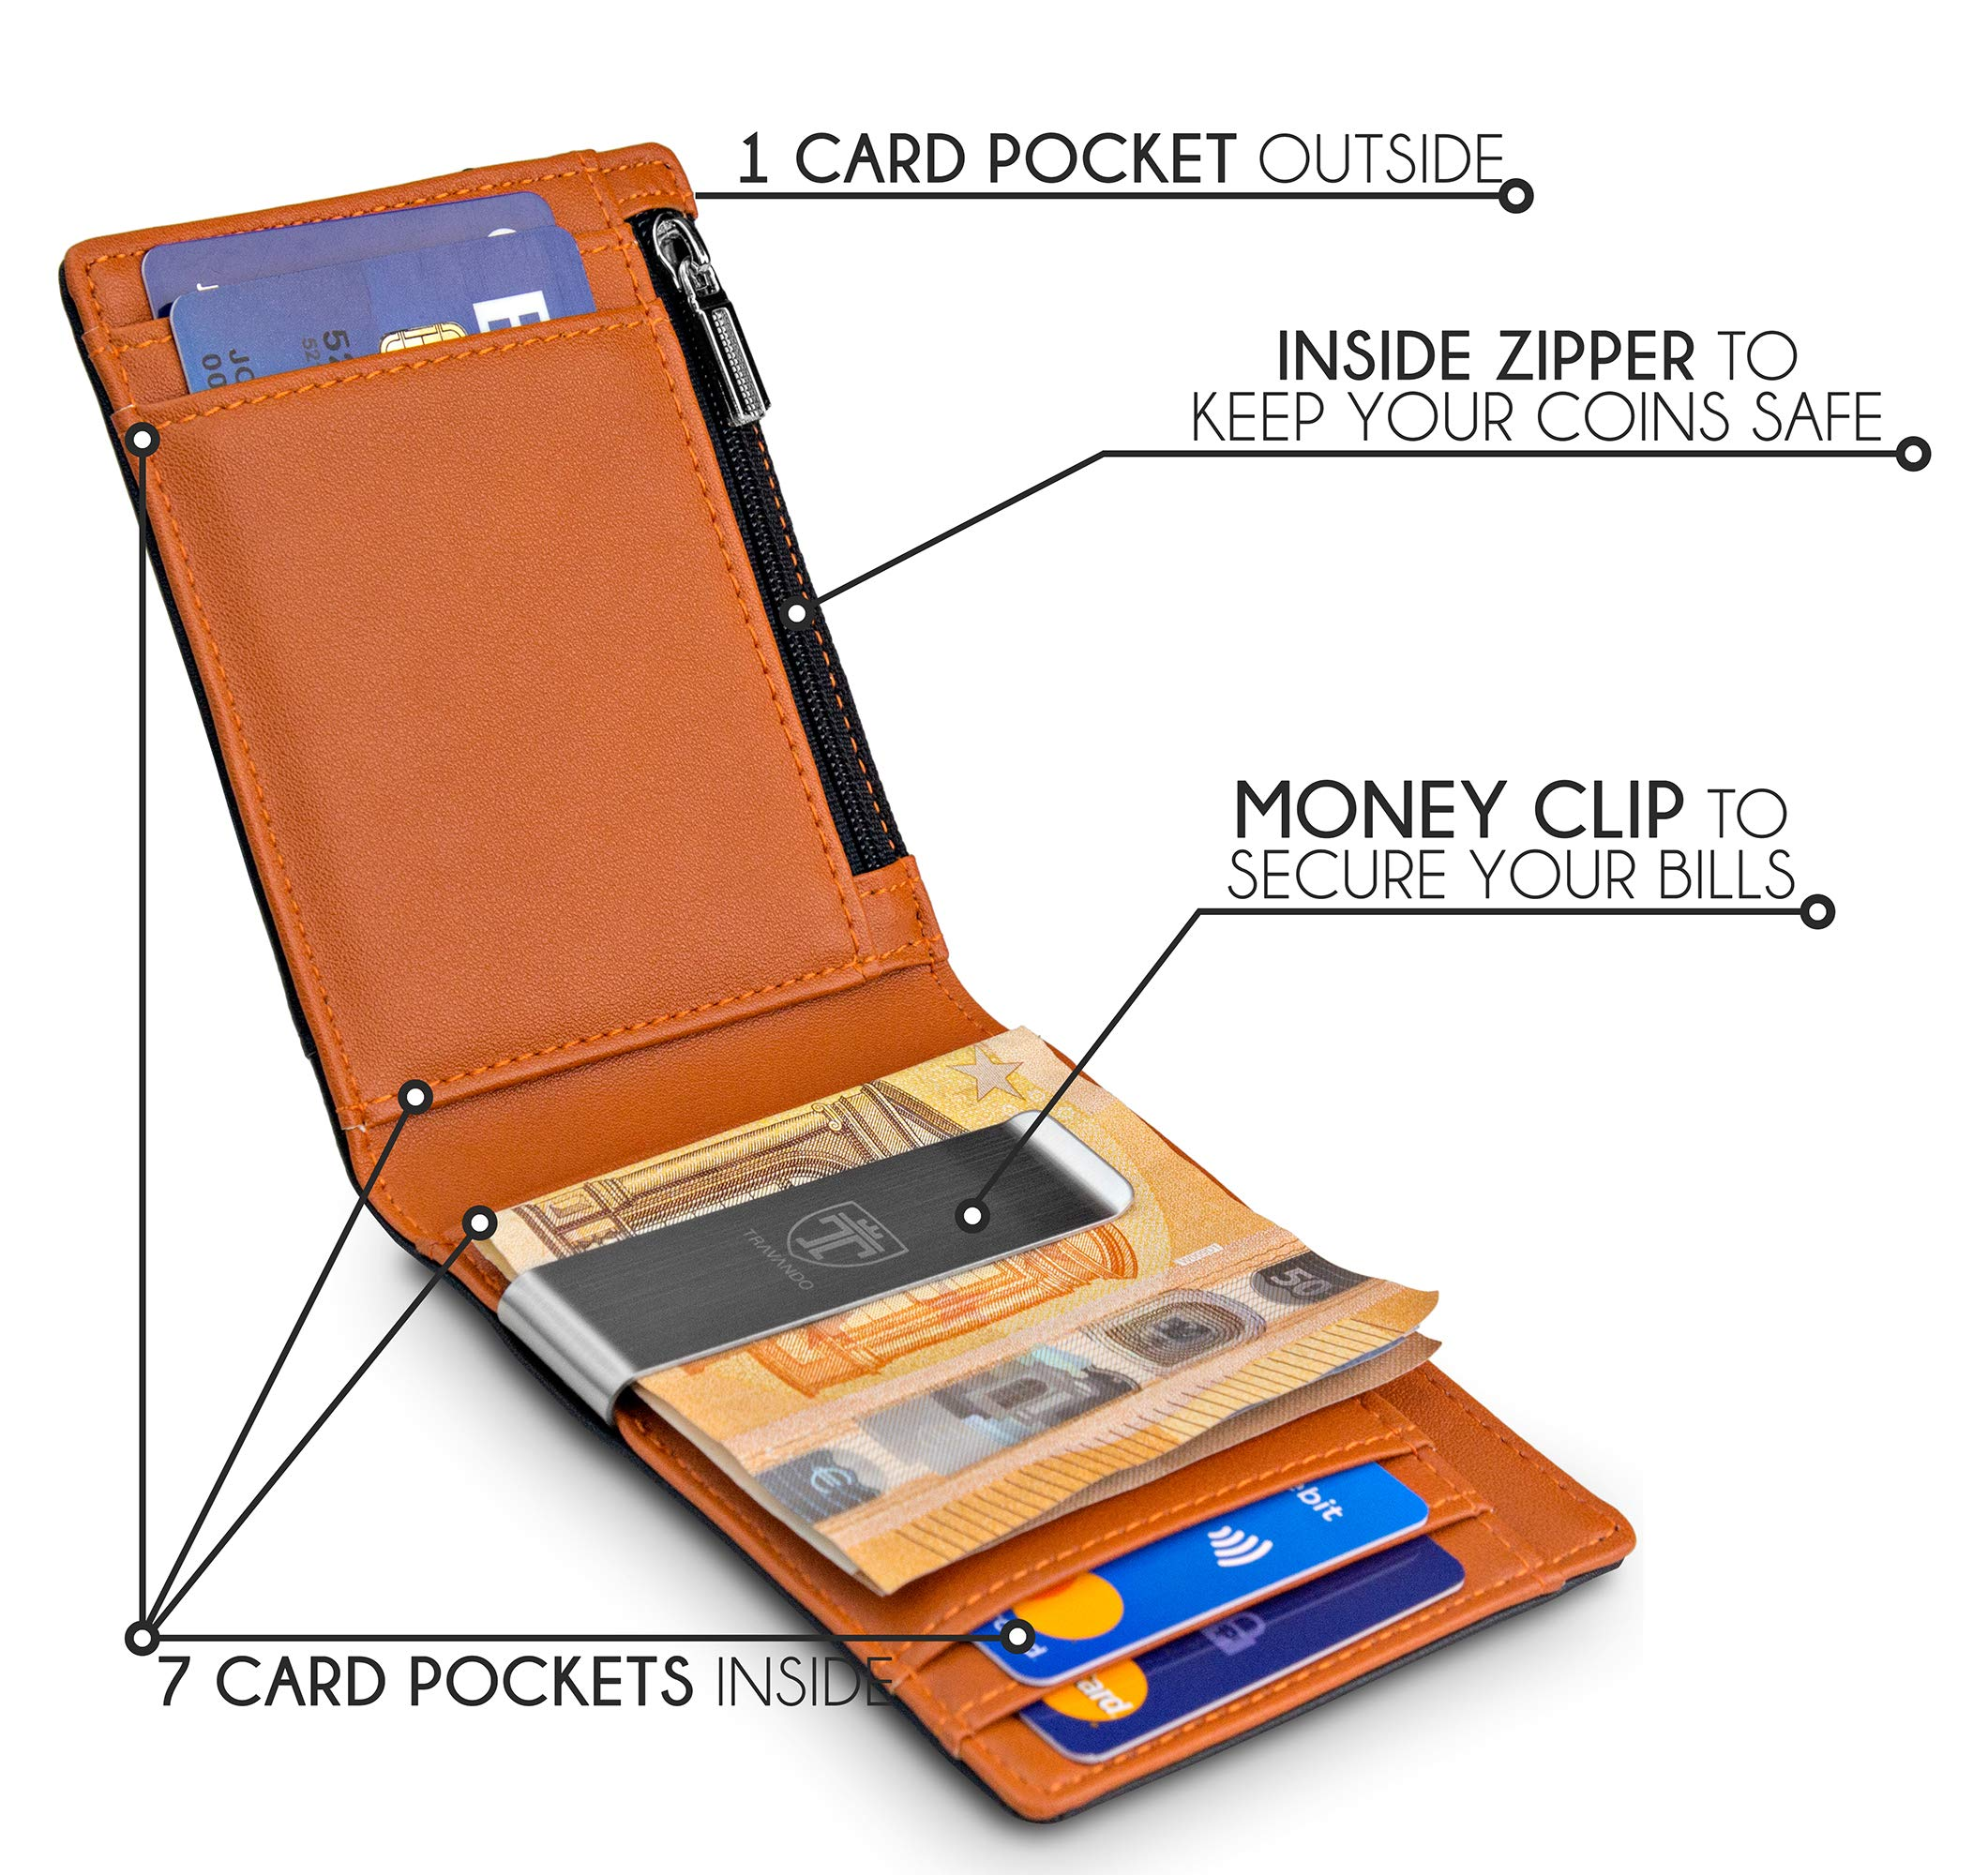 b29343e965 TRAVANDO-Portafoglio-uomo-piccolo-con-protezione-RFID-LONDON-Porta-carte-di- credito-con-clip-per-contanti-Portafogli-Porta-tessere-slim-tascabile- ...